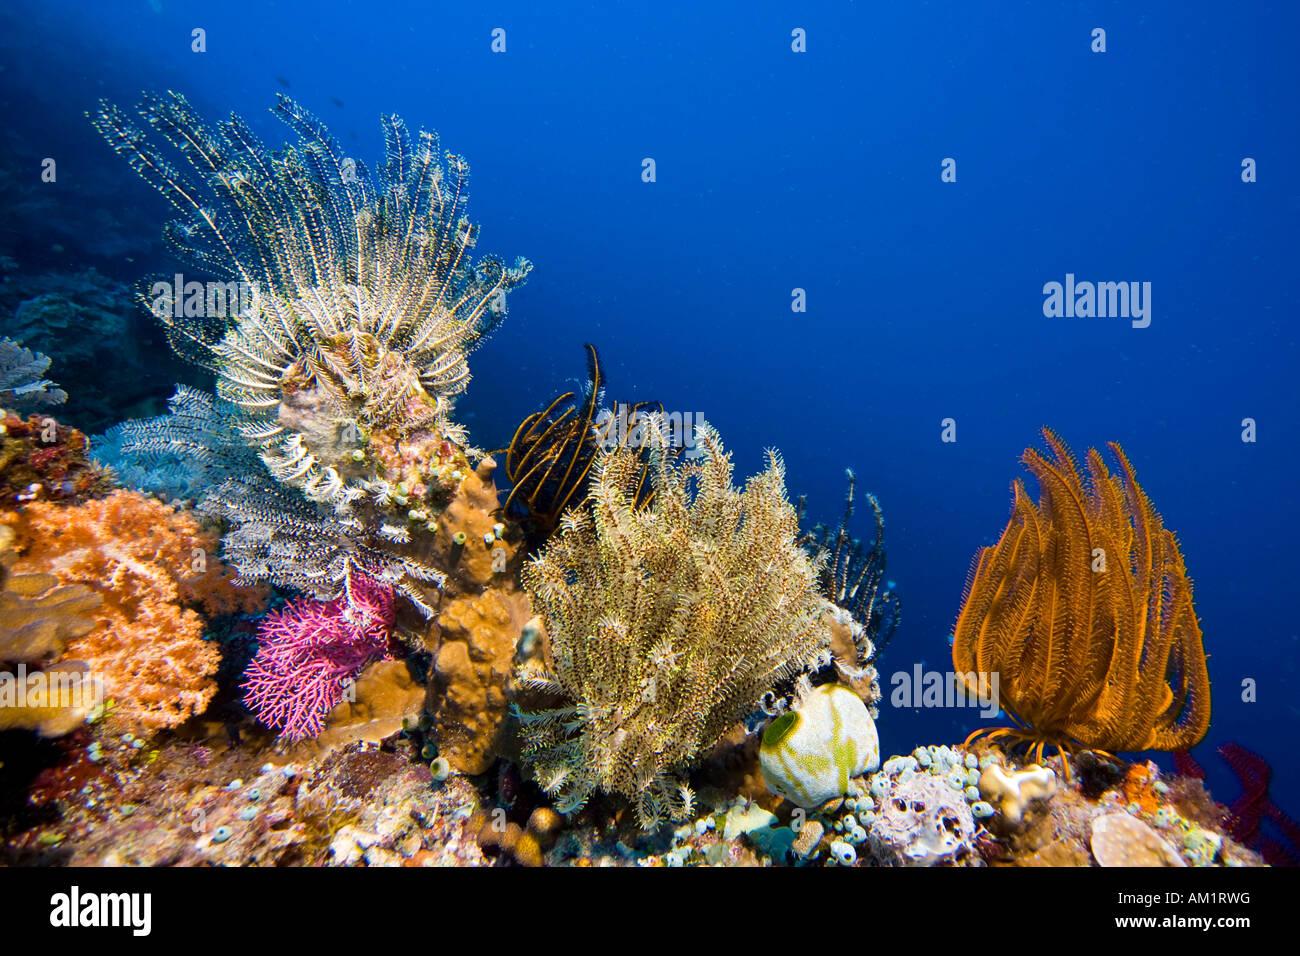 Farbe-herrliche Korallenriff mit Federsternen bedeckt. Stockbild